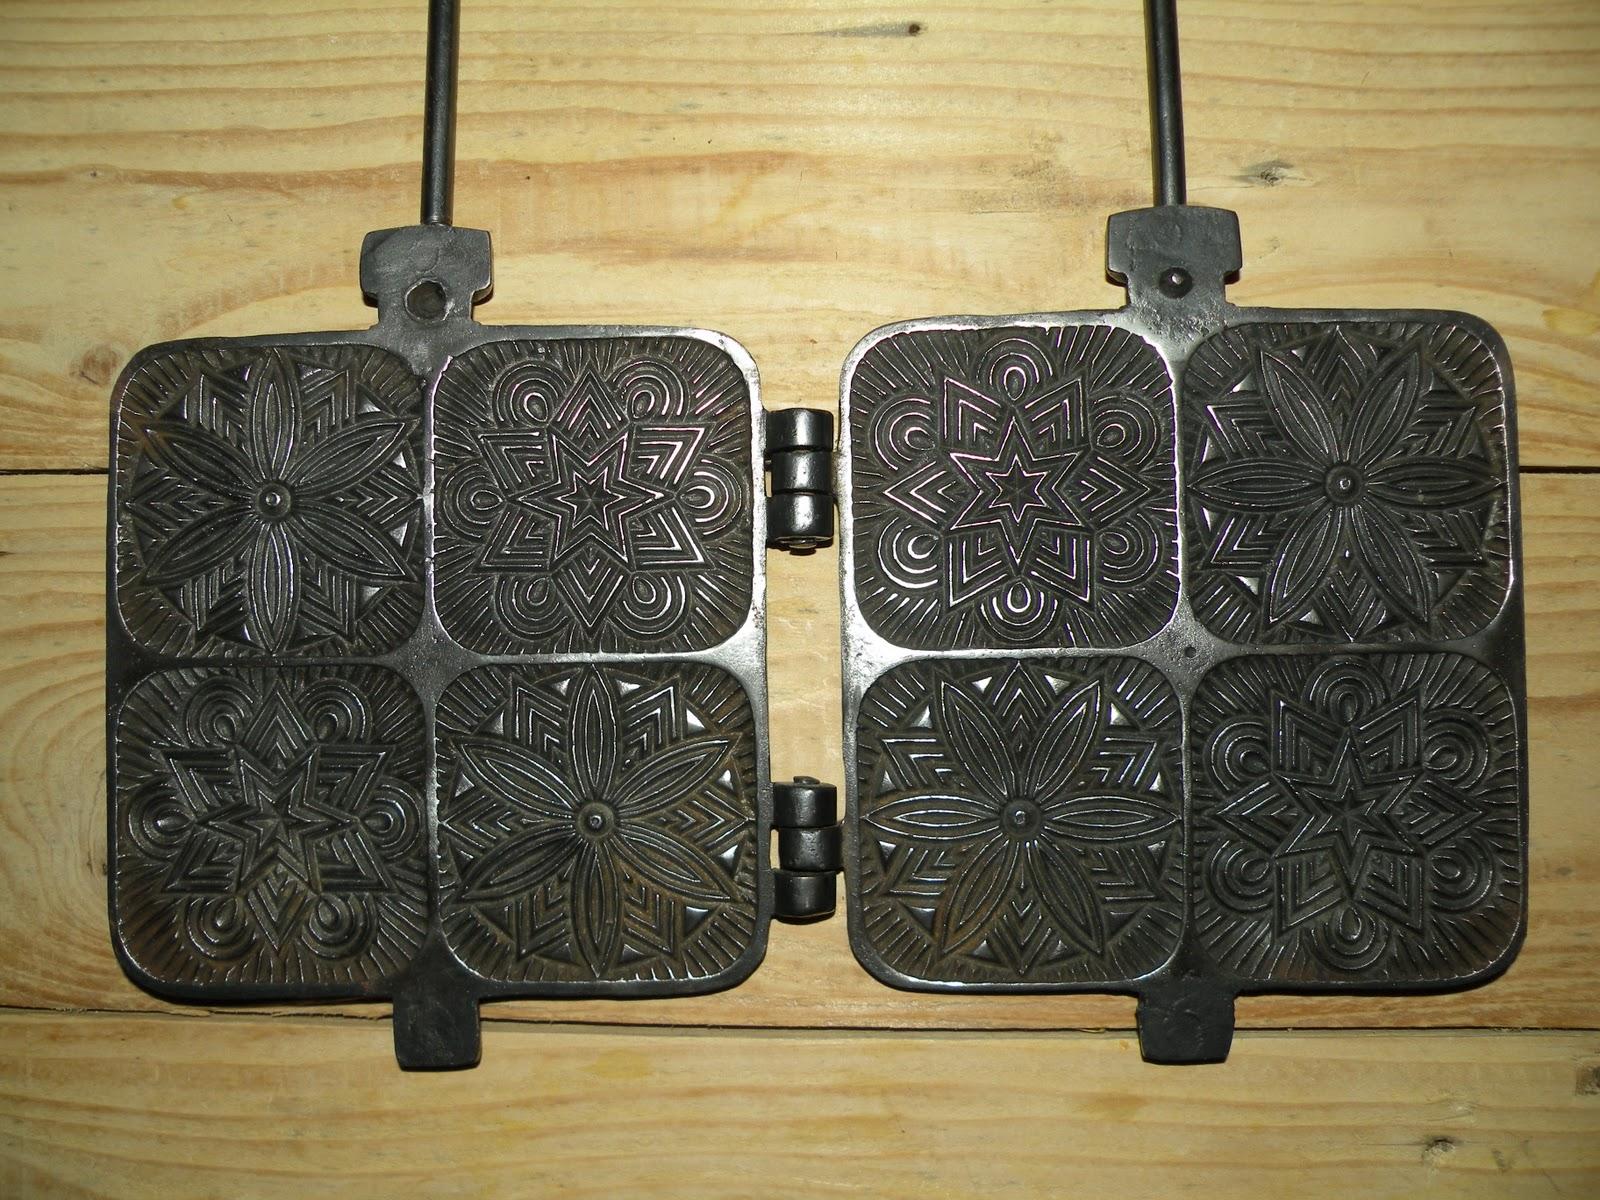 objets anciens et insolites gaufrier gaufrette de la fonderie j f mod le 1158. Black Bedroom Furniture Sets. Home Design Ideas